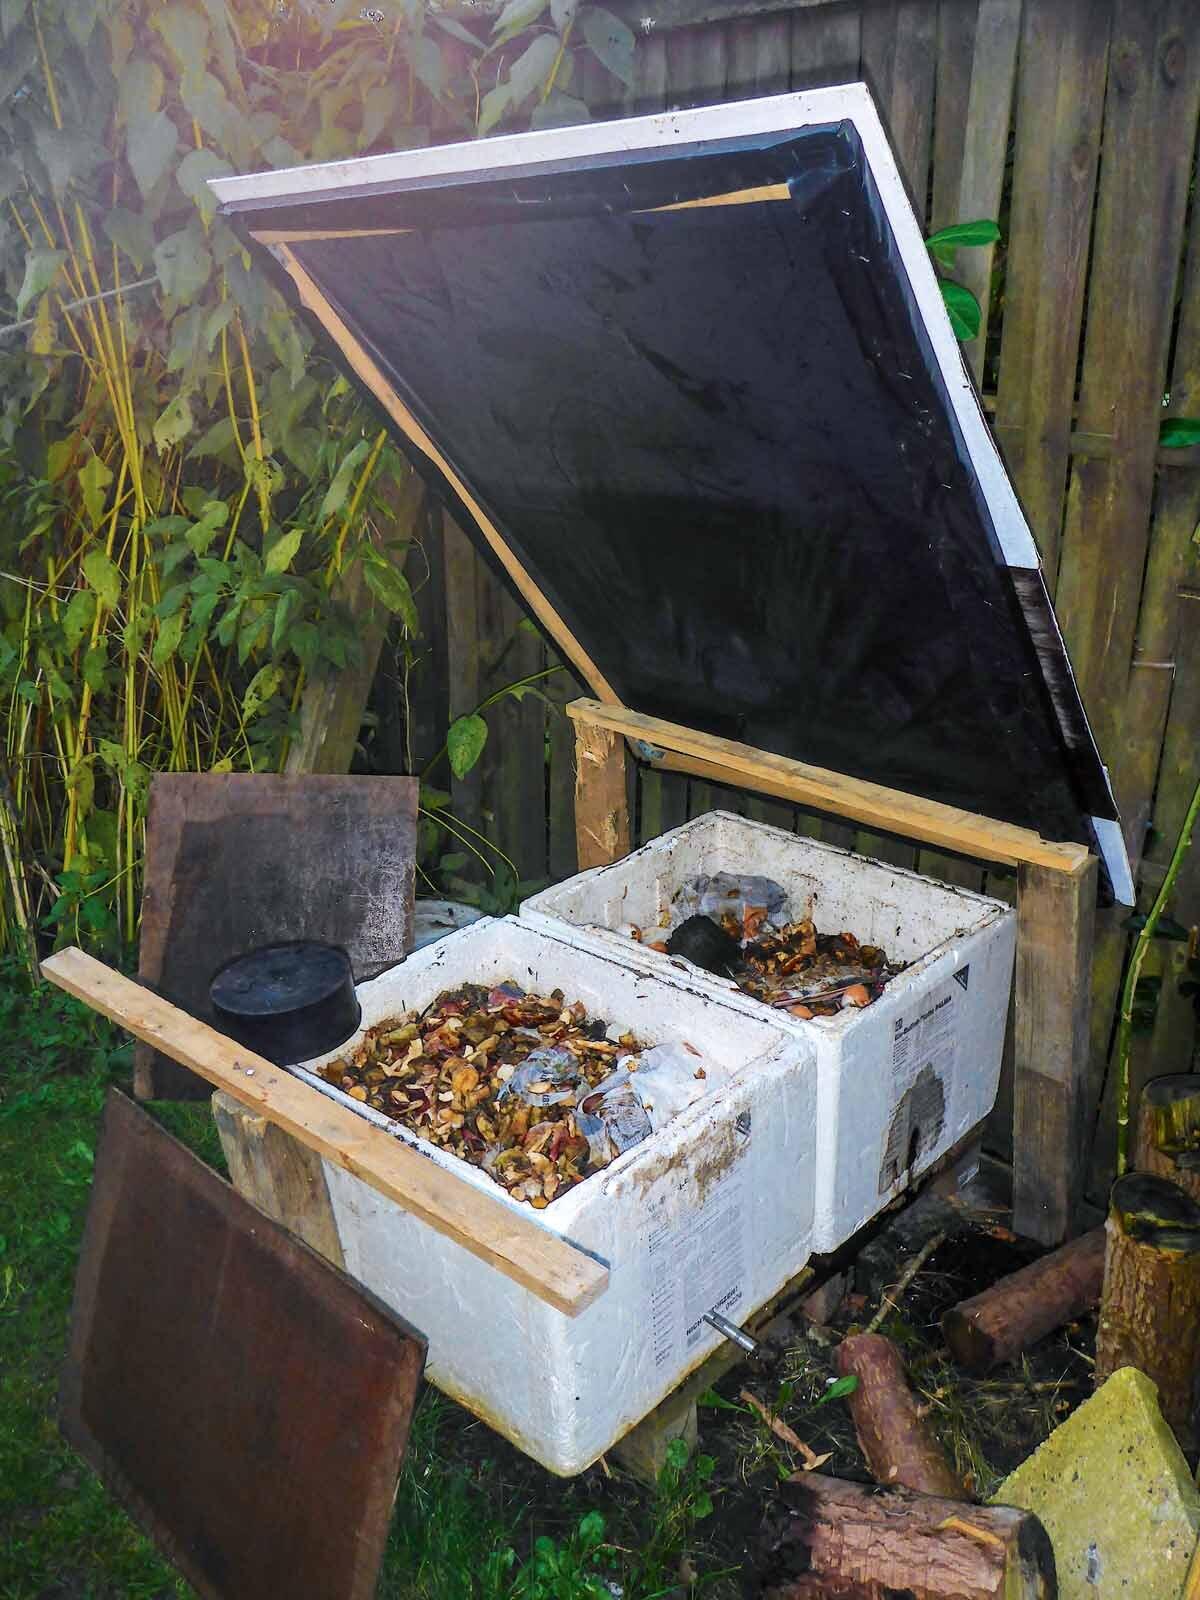 Die Kisten für die Wurmzucht stehen unter einem Wetterschutz. Die Deckel sollte man tagsüber zum Luftaustausch öffnen. Foto: T. Pruß